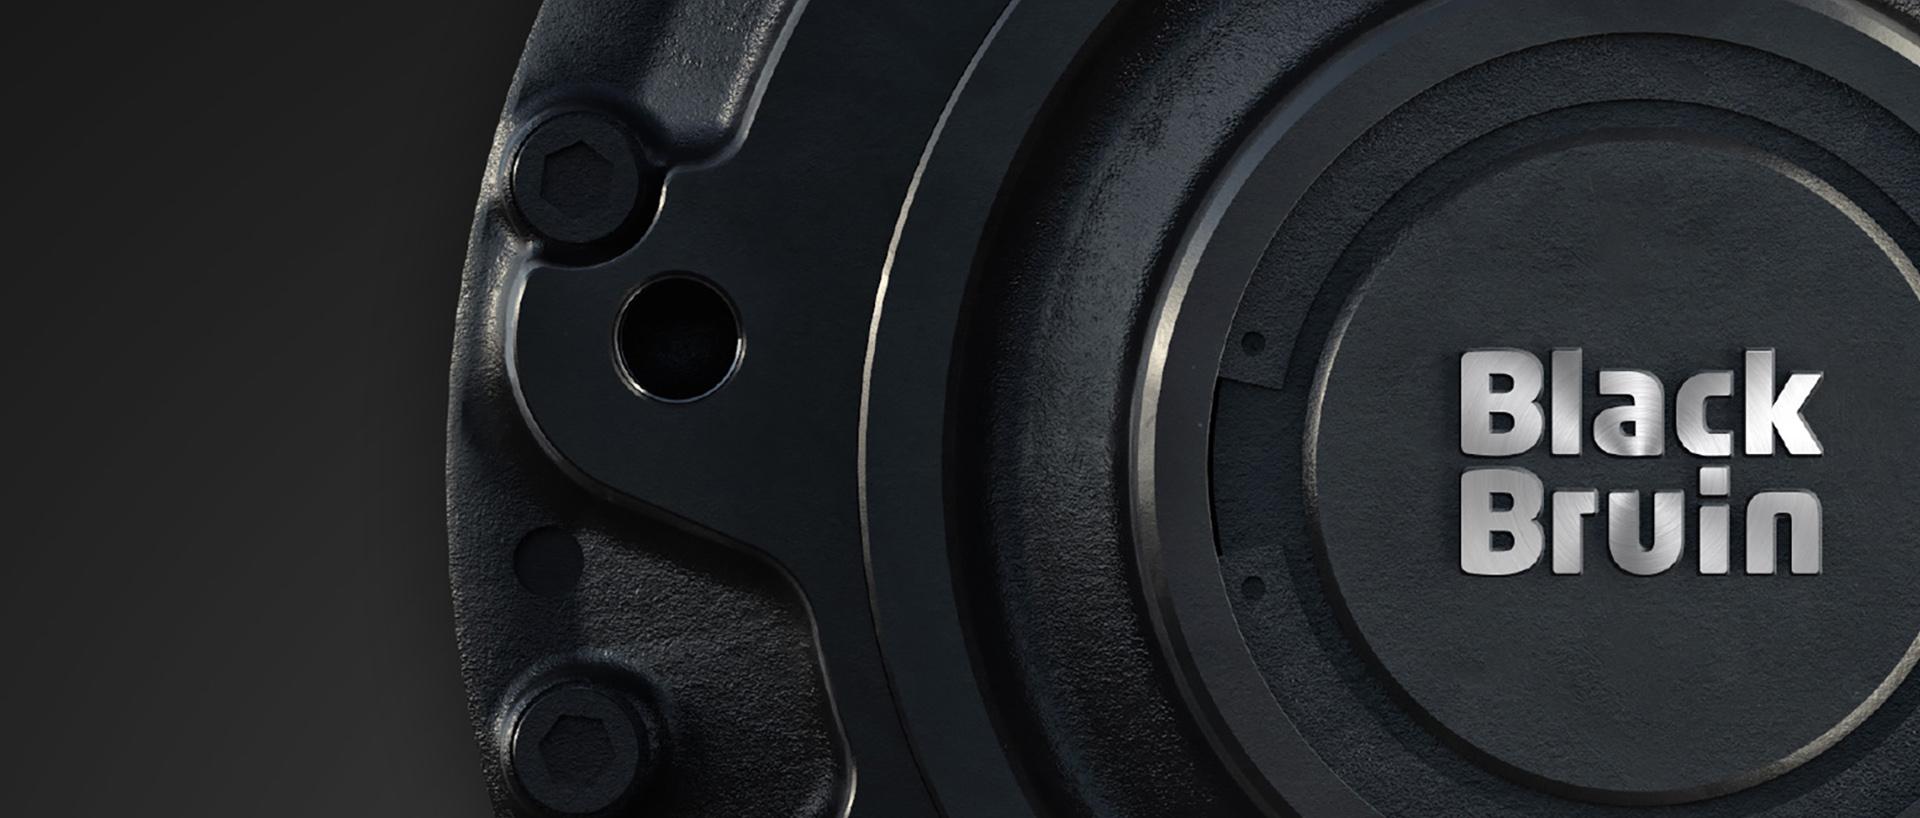 black-bruin-rotaattori-puutavara-nosturi-jälleenmyynti-konekorjaamo-riikonen